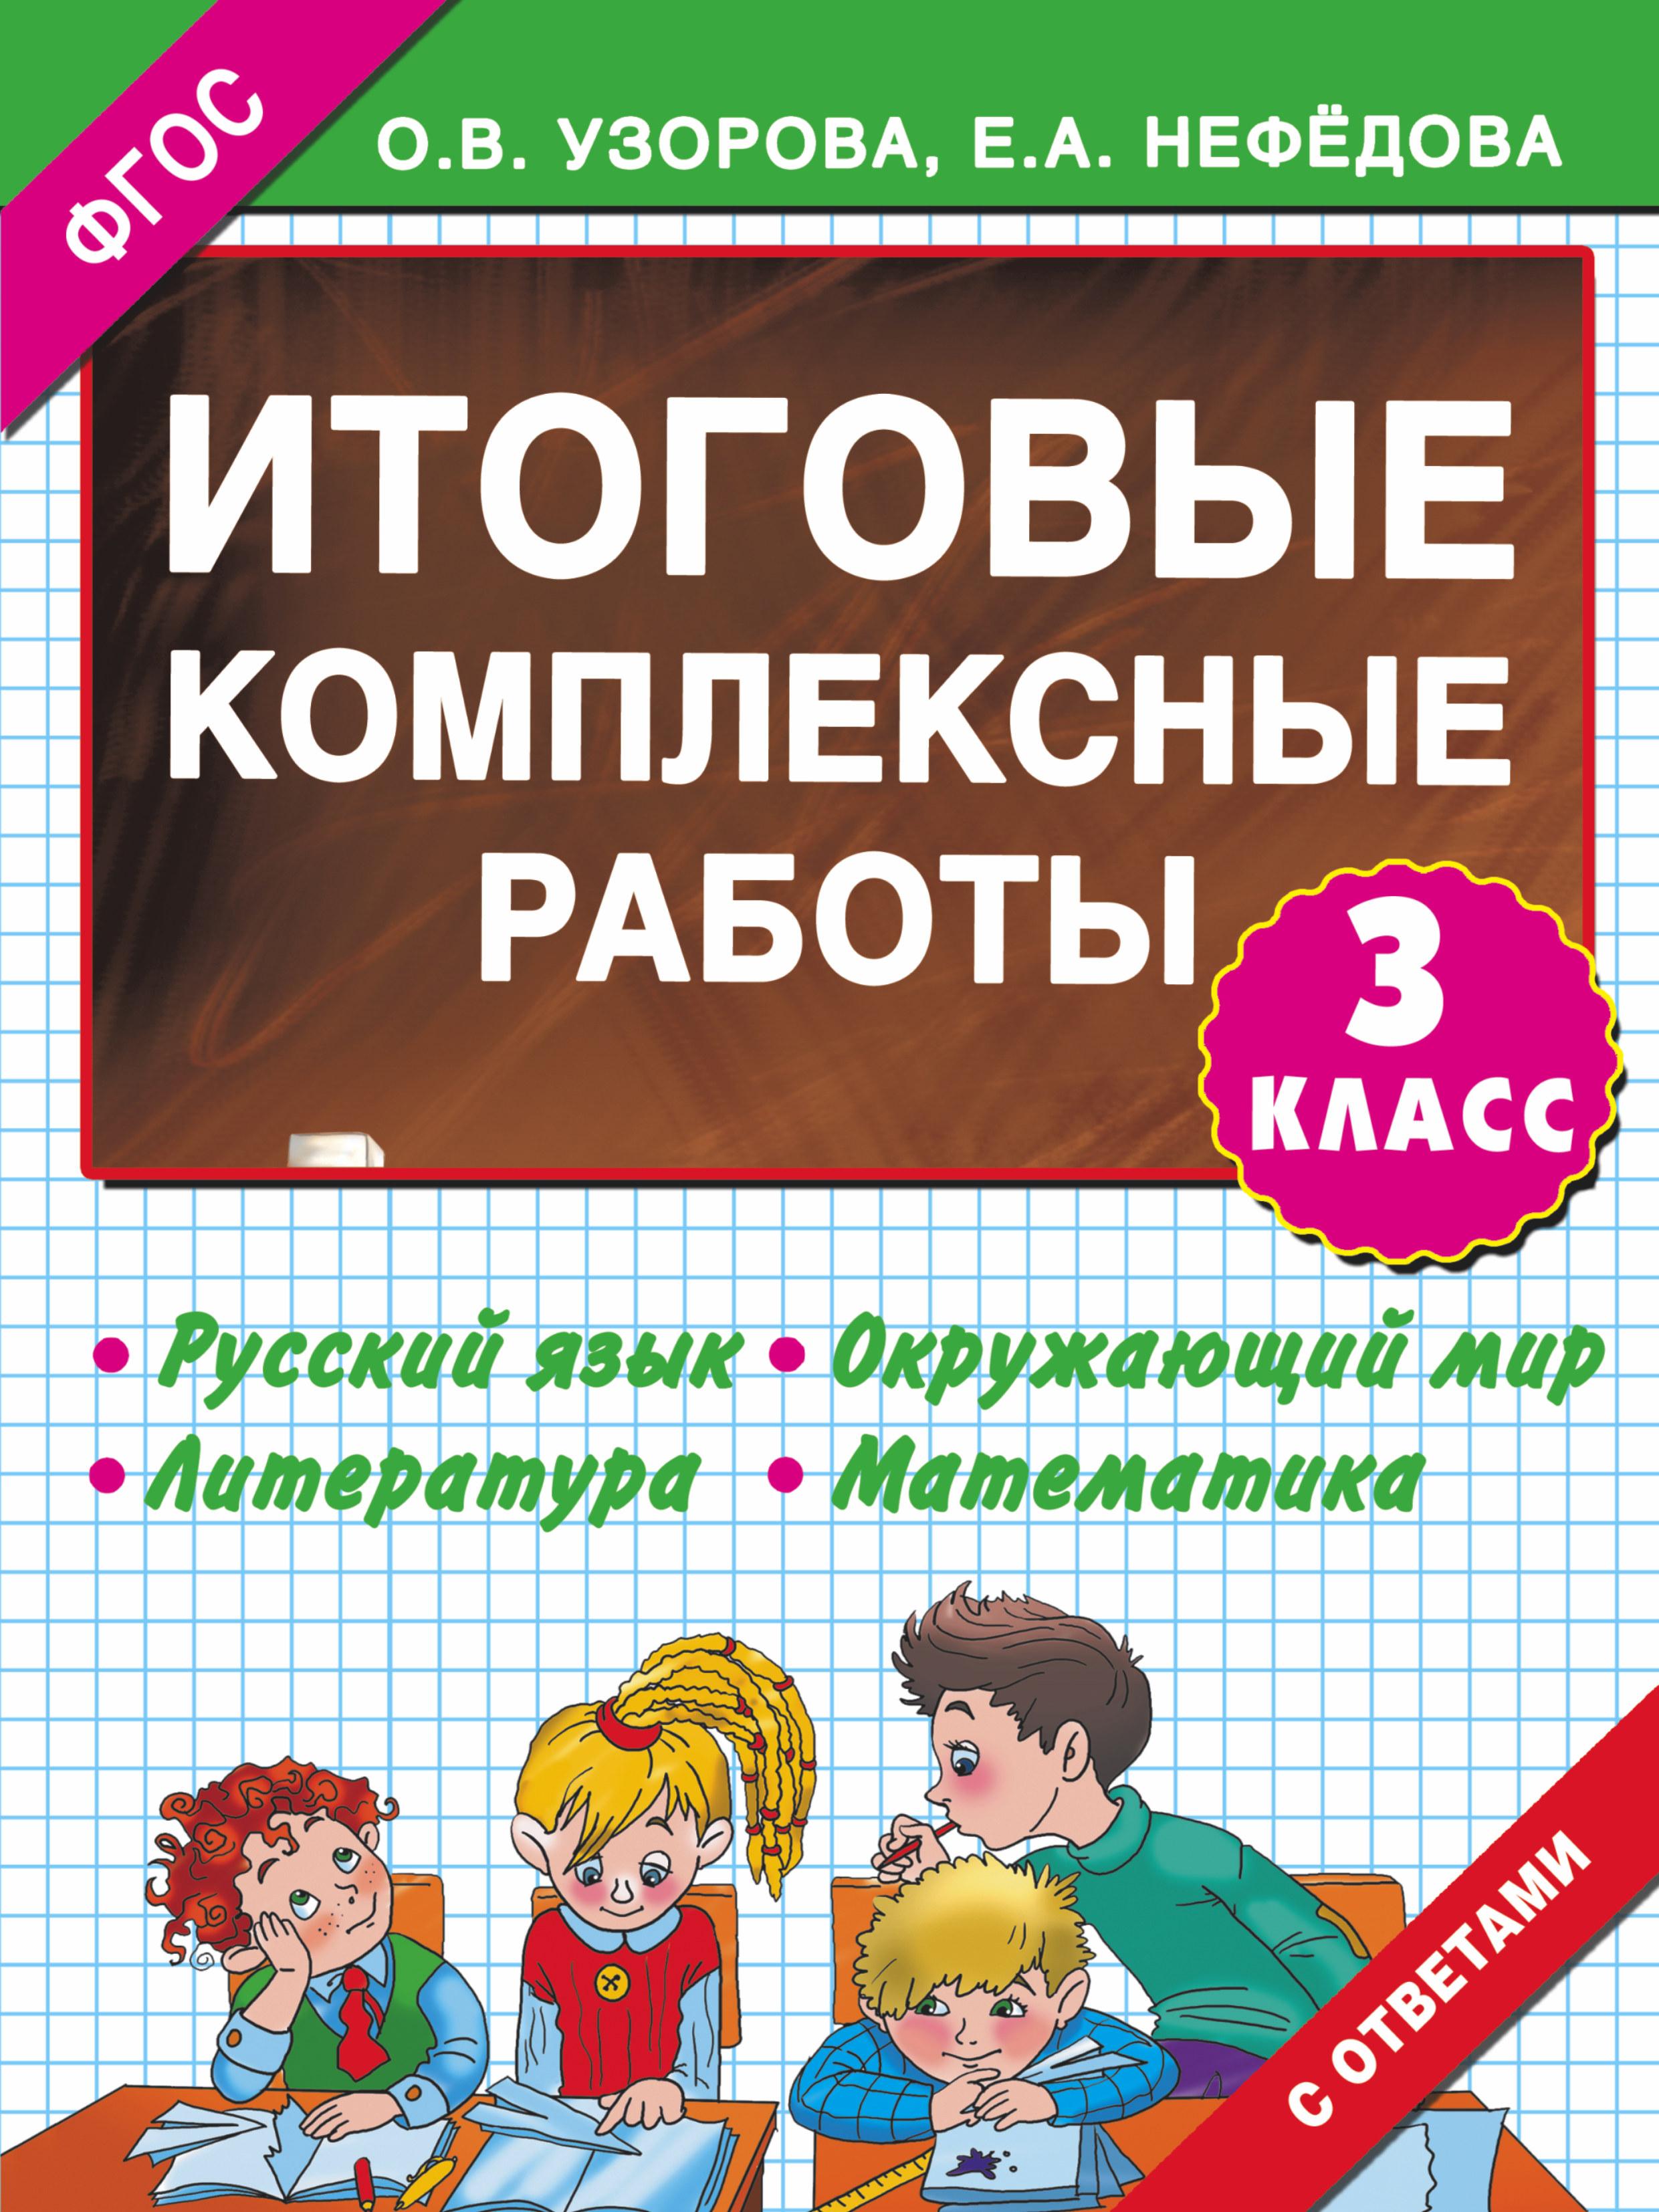 О. В. Узорова, Е. А. Нефёдова Итоговые комплексные работы. 3 класс